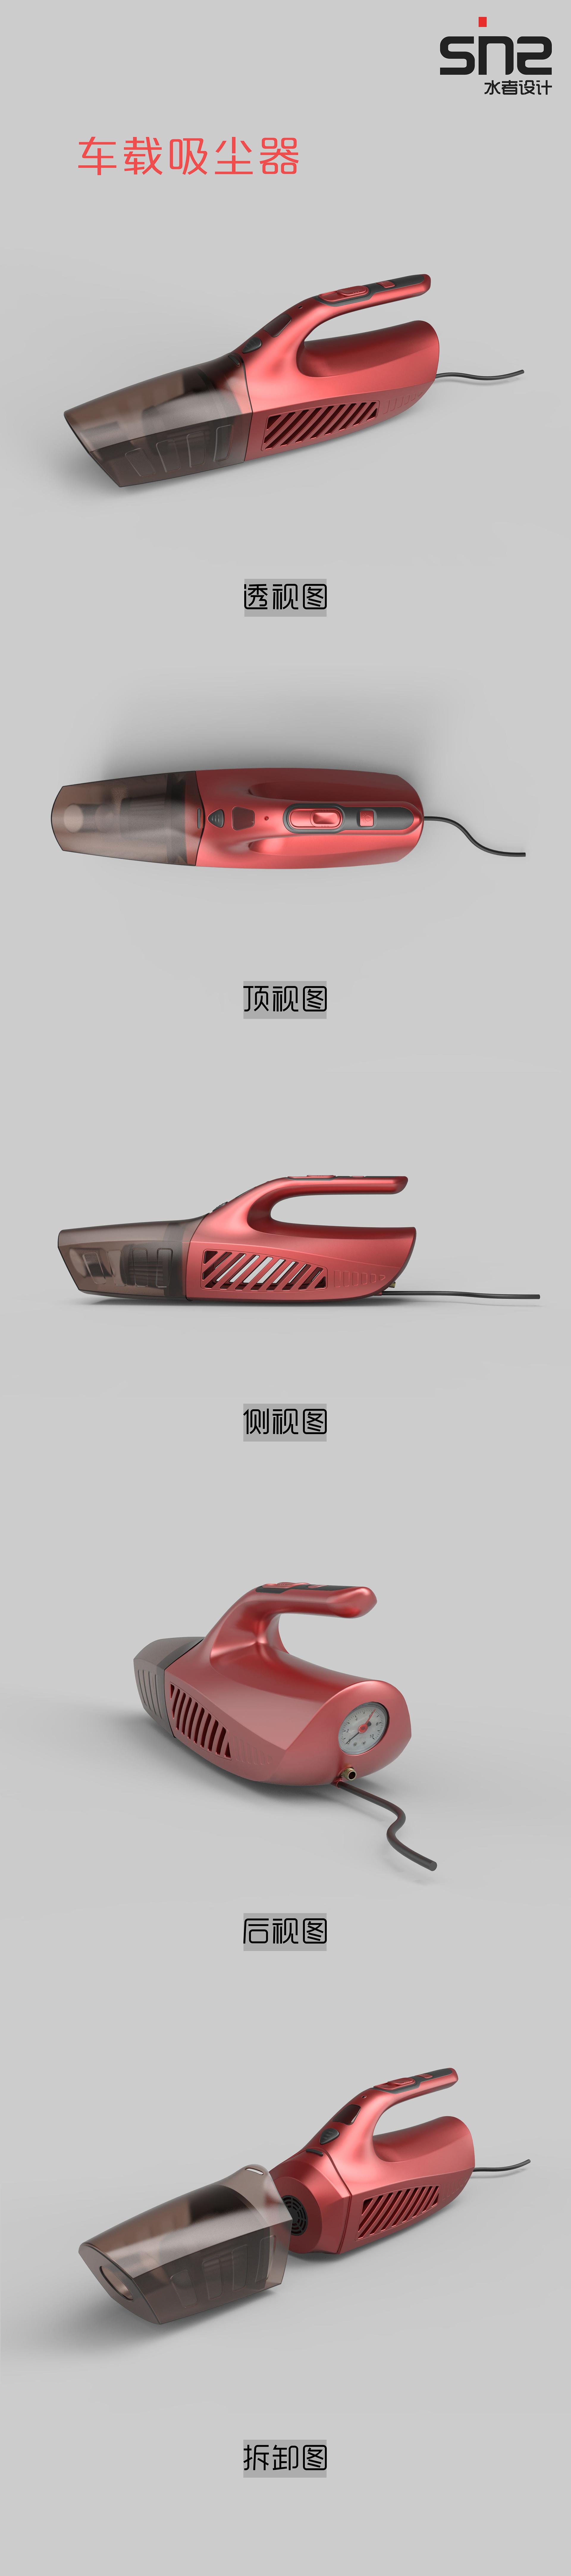 1车载吸尘器工业设计1.jpg